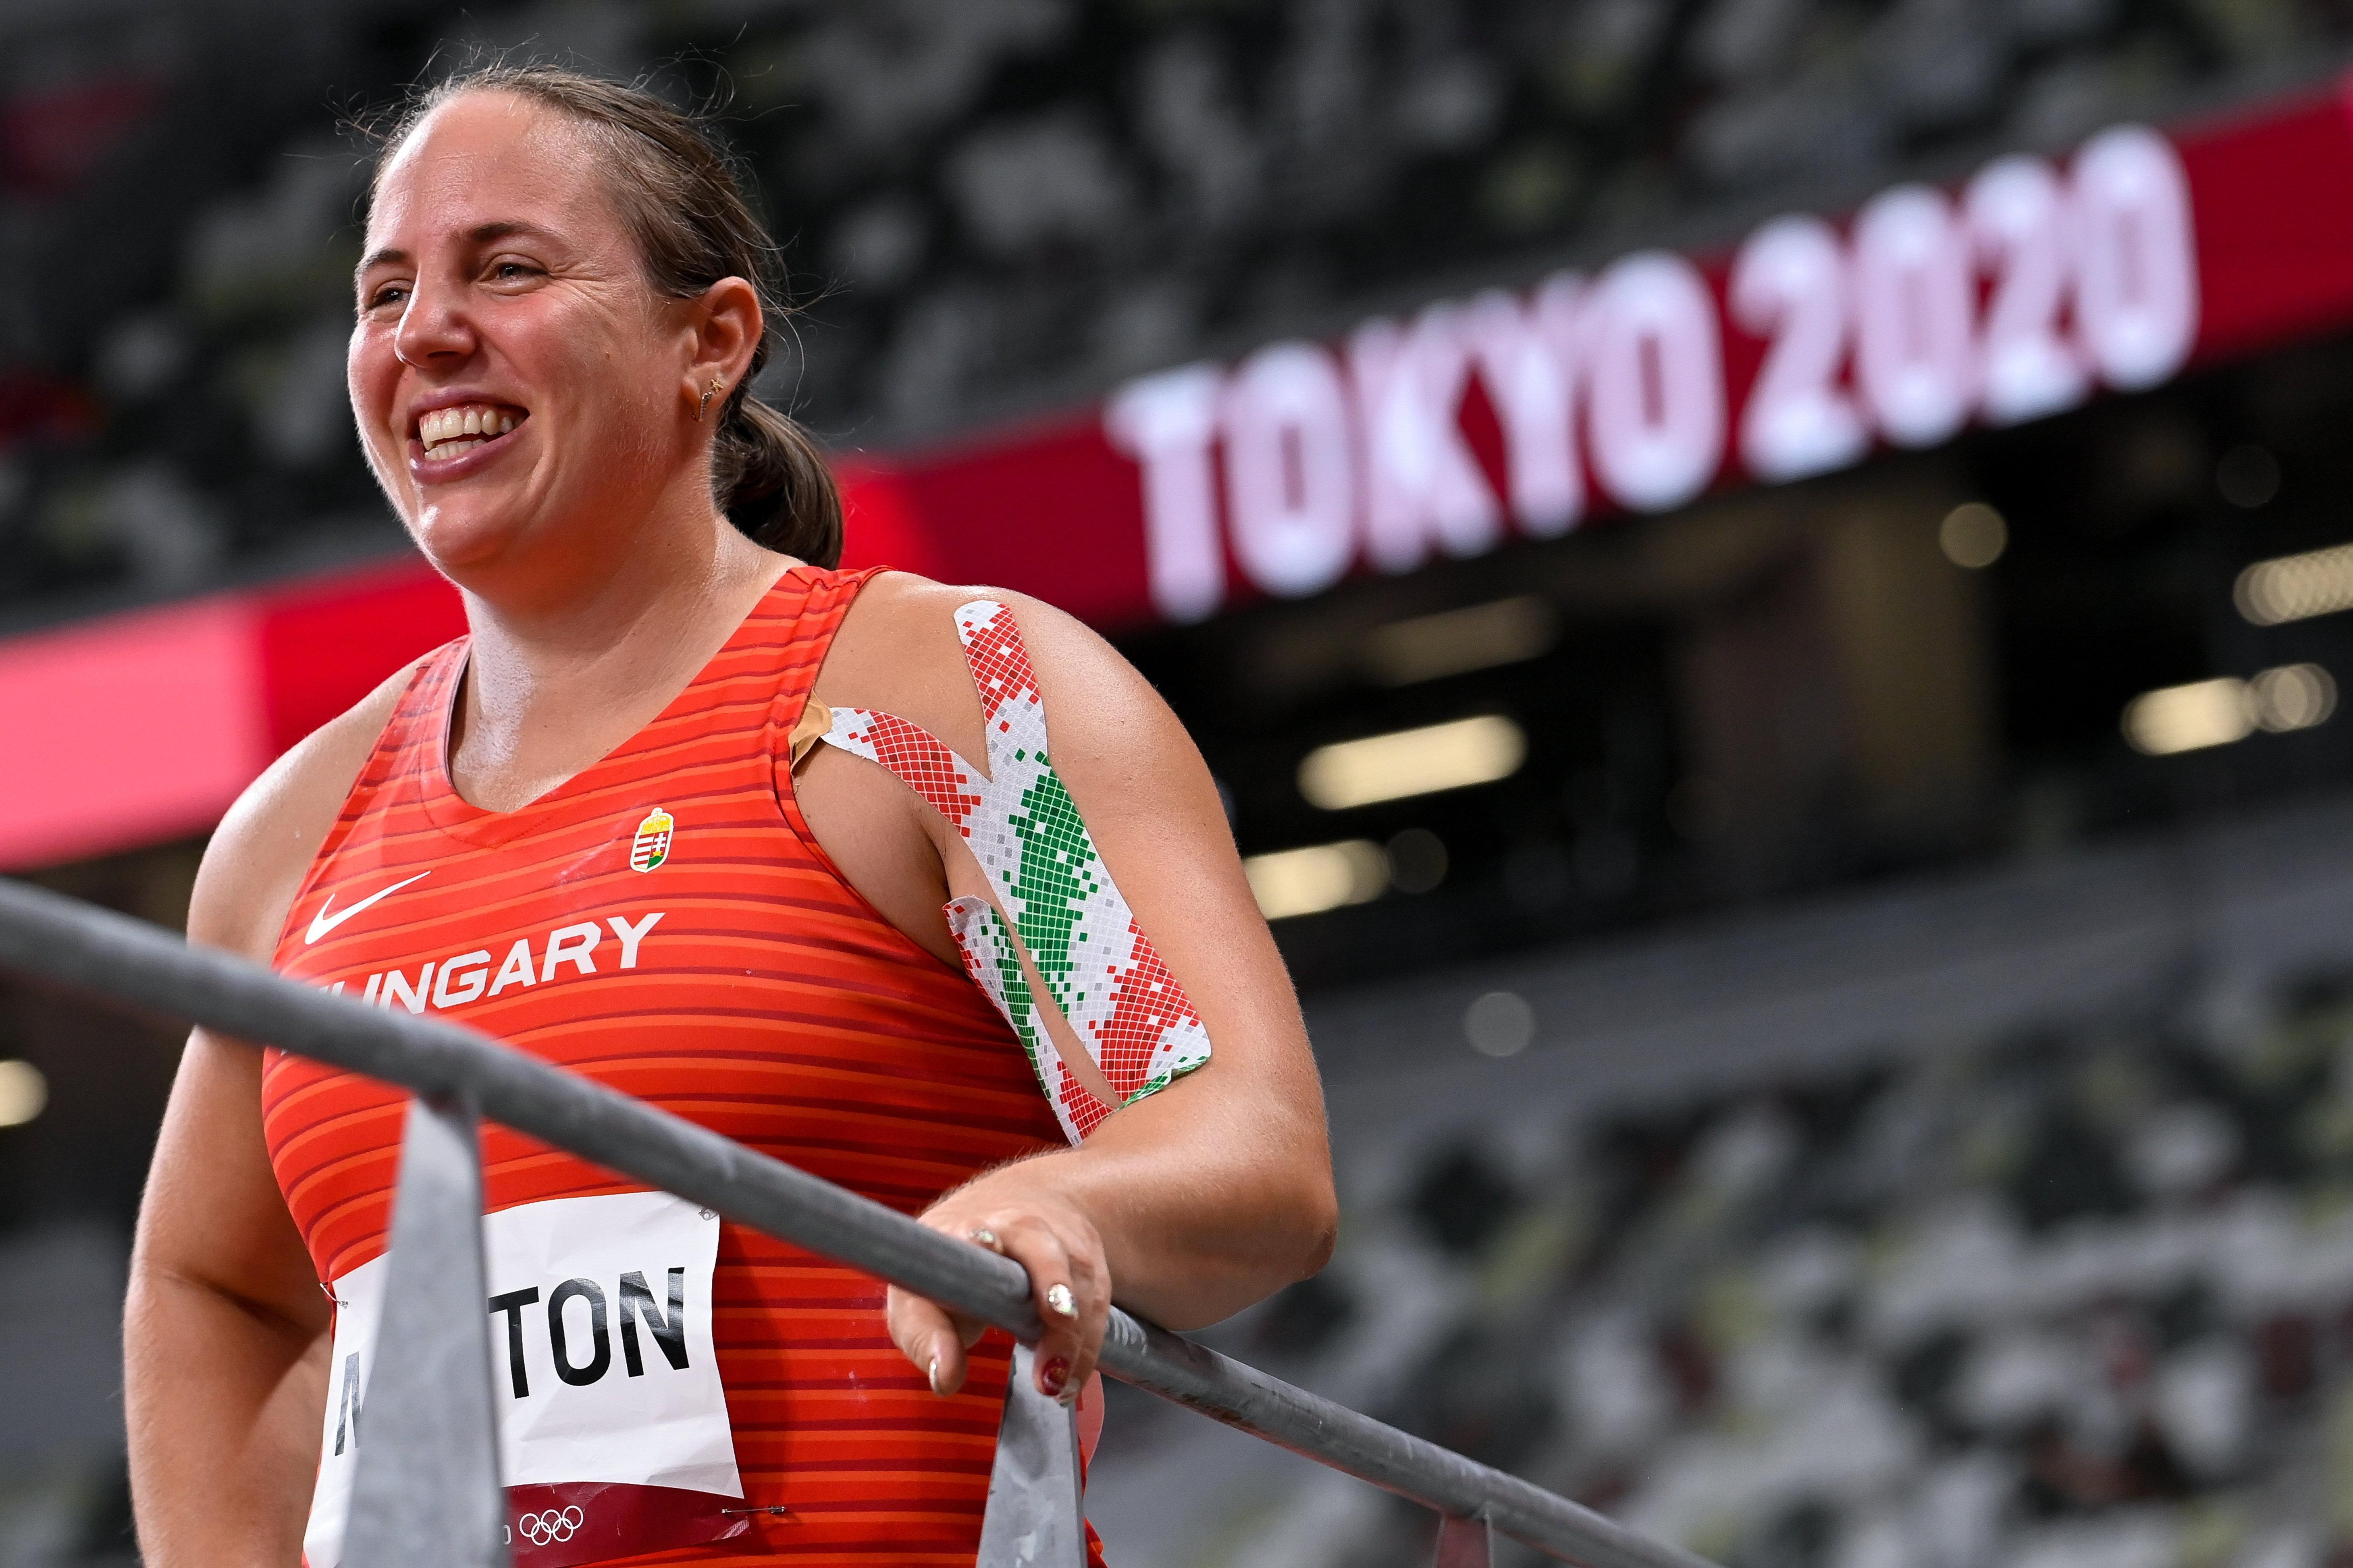 A riói bronzérmes Márton Anita csak 21. lett súlylökésben, de ezzel sem lehet elégedtelen